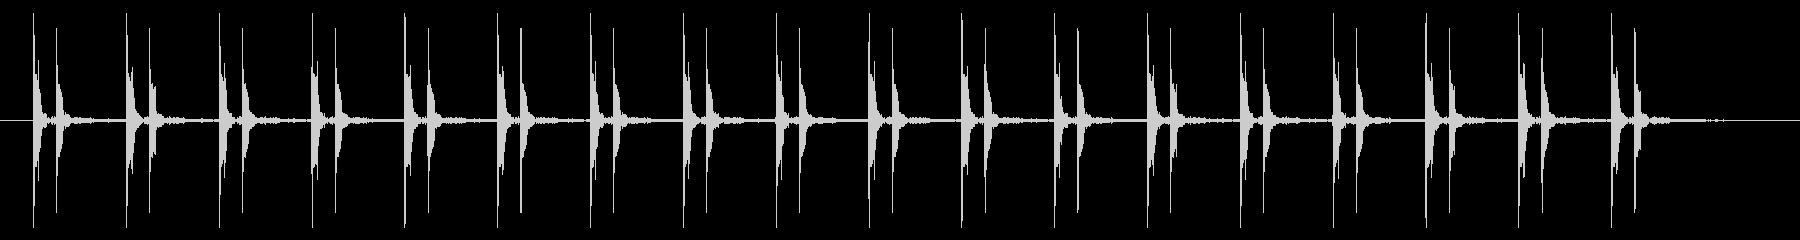 心臓の鼓動(ドクンドクン)早いの未再生の波形